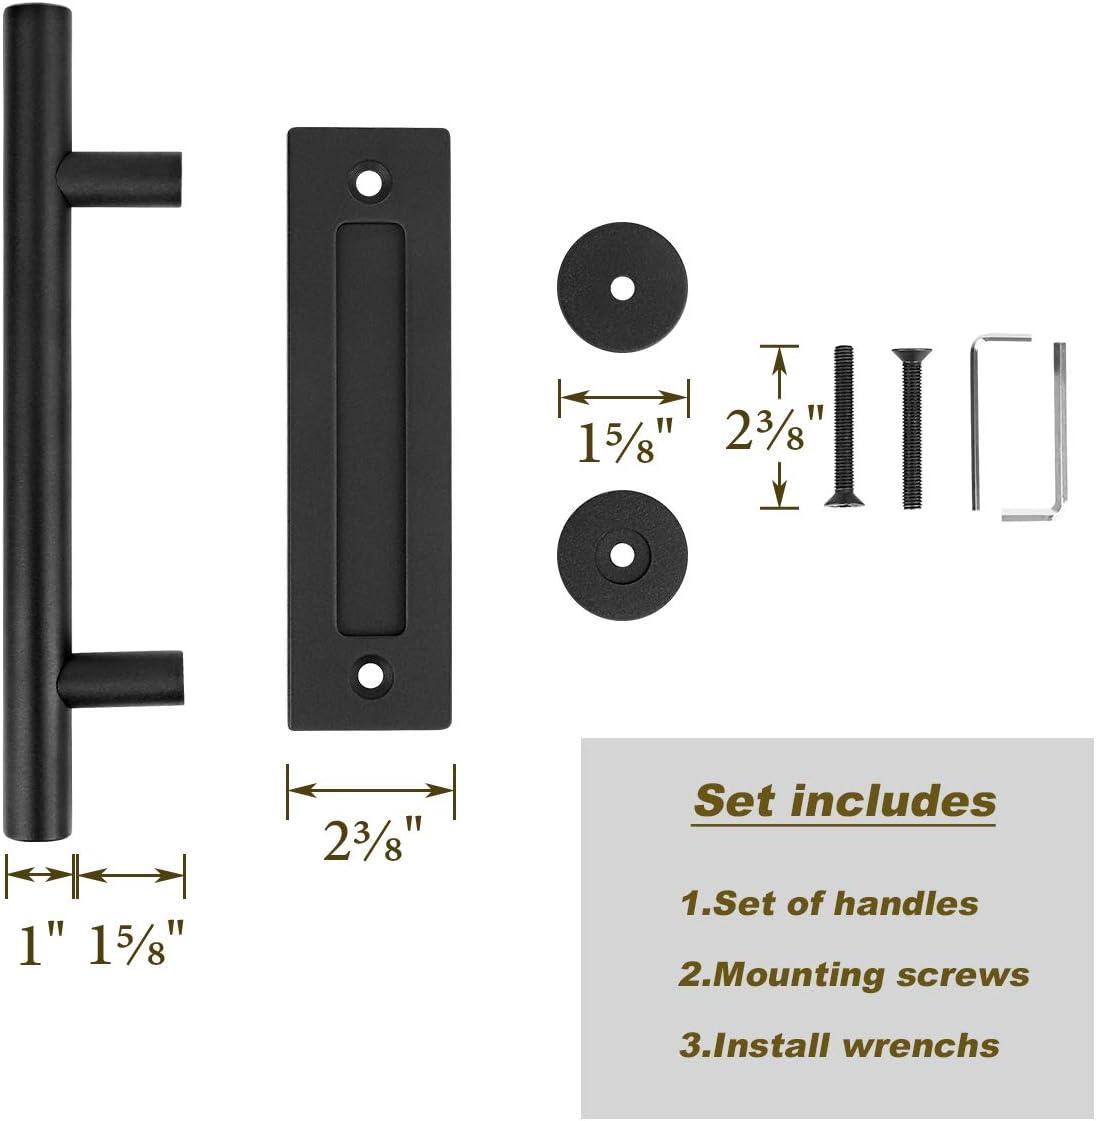 Two-Side Design Dedoot Black 12 Sliding Door Handle Heavy Duty Pull and Flush Barn Door Handle Set for Gate Cabinet Closet Barn Door Handle